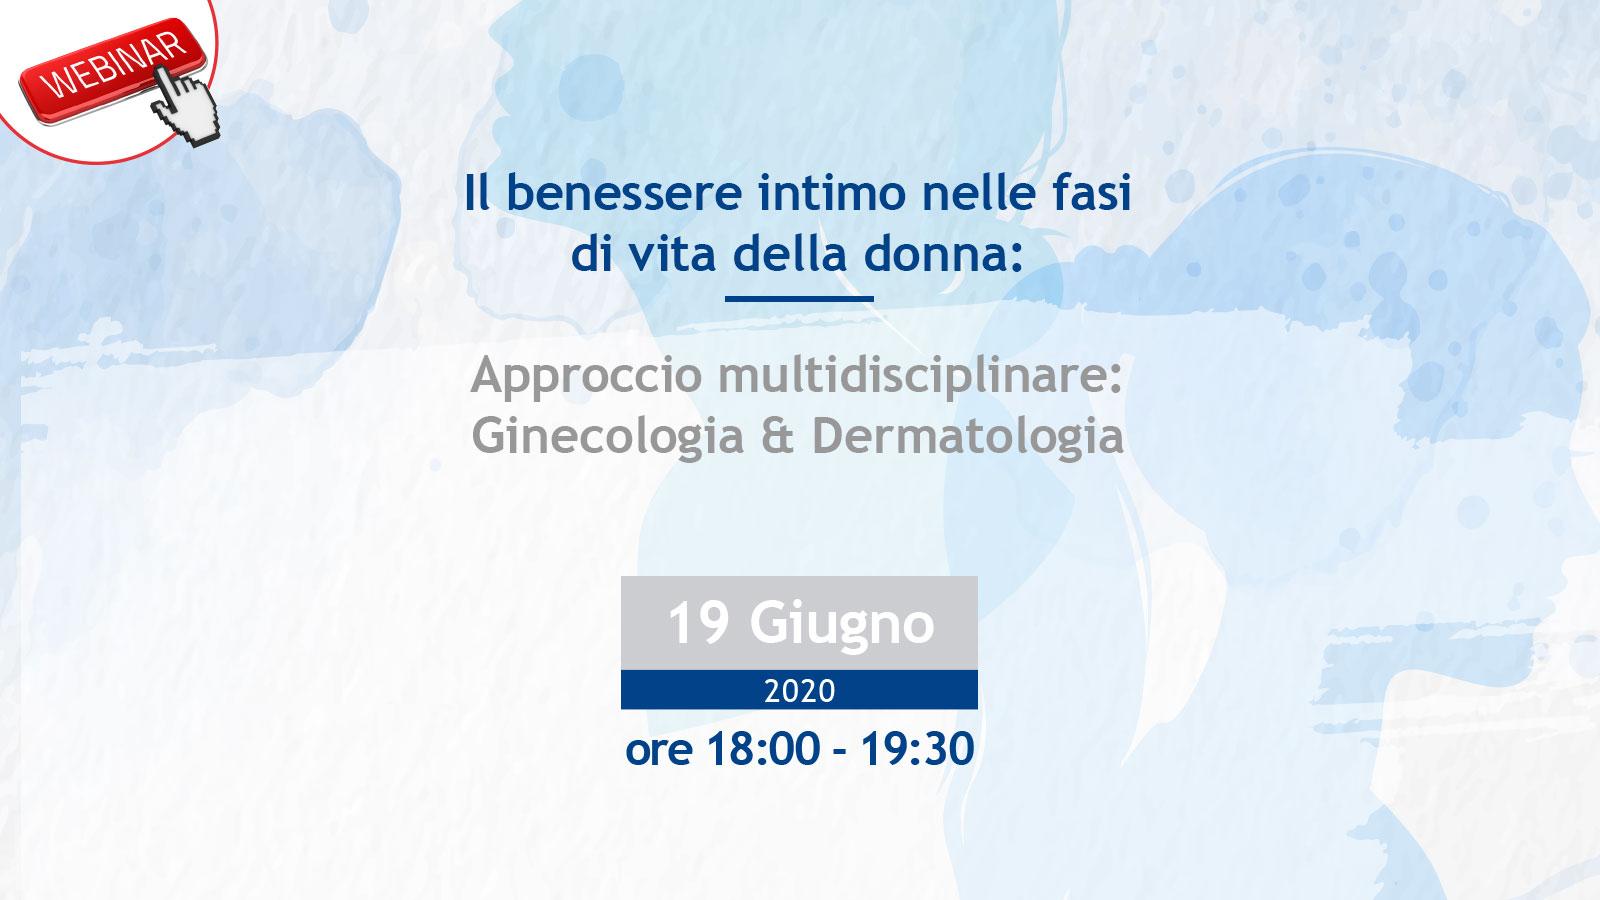 Il benessere intimo nelle fasi di vita della donna. Approccio multidisciplinare: Ginecologia & Dermatologia.